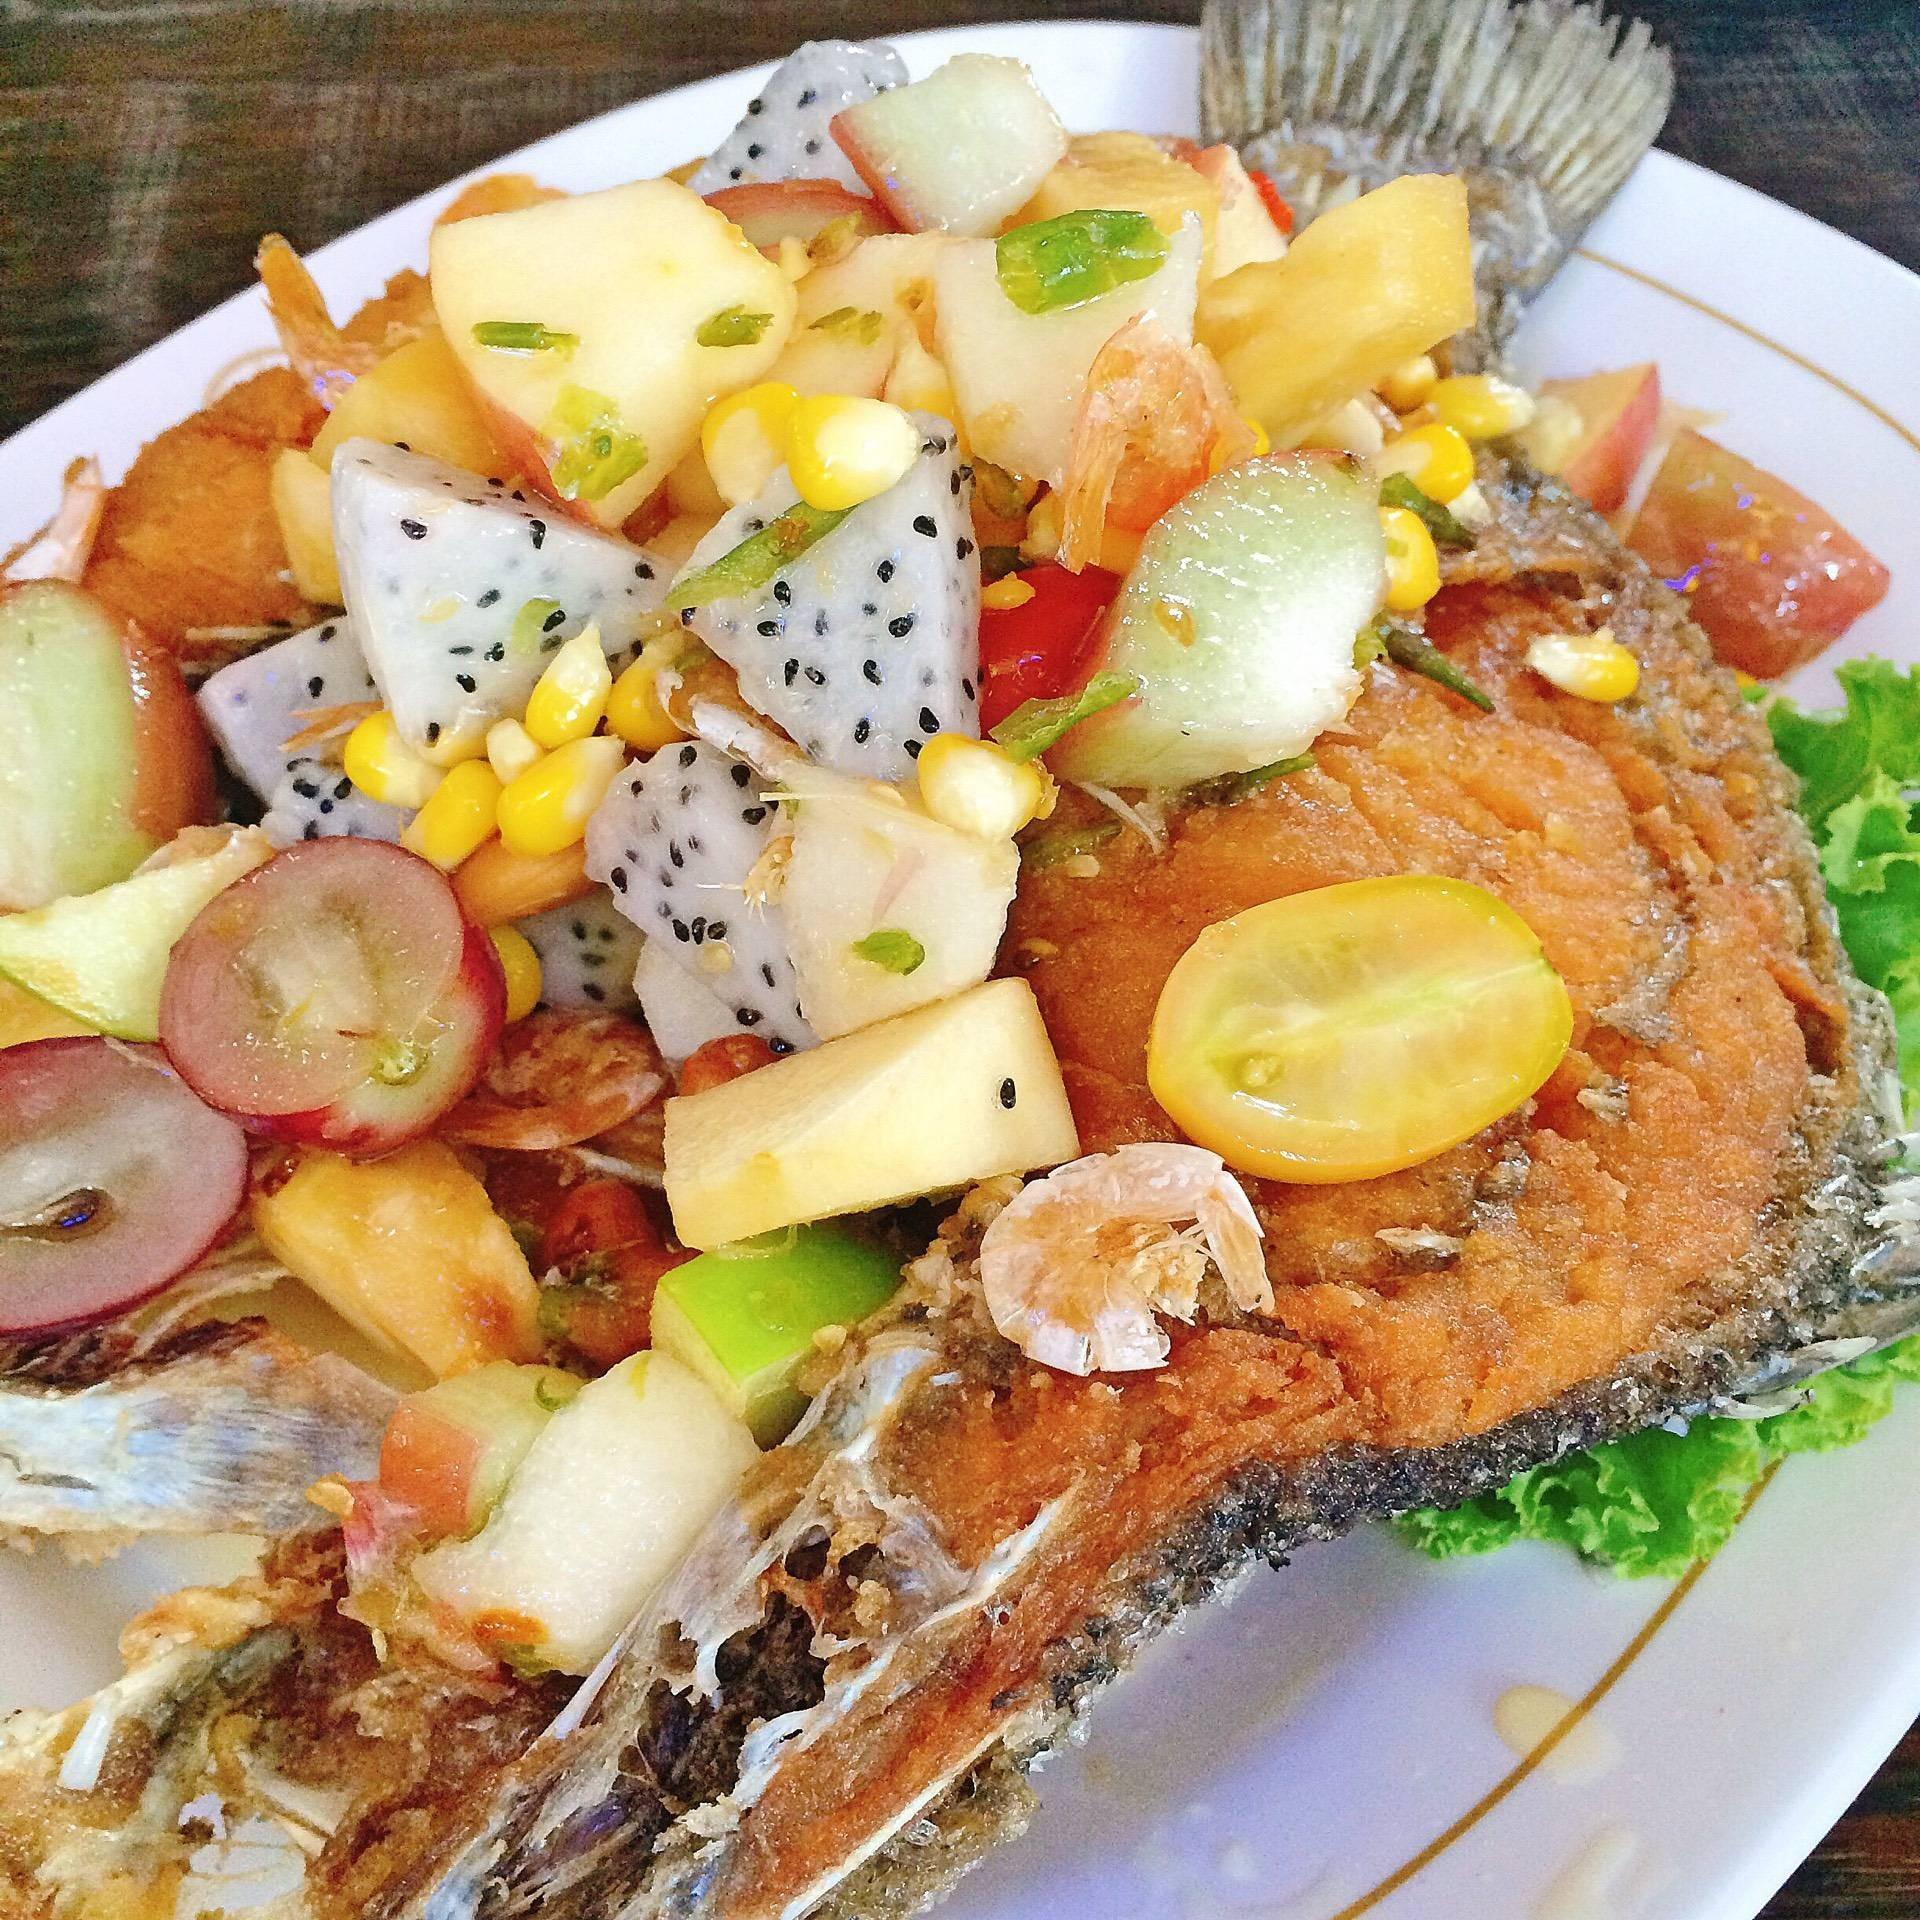 เมนูนี่ชอบค่ะ มีผักผลไม้เยอะ (คง 9 อย่าง) น้ำราดเปรี้ยวหวาน ชอบมาก เข้ากับปลาดี